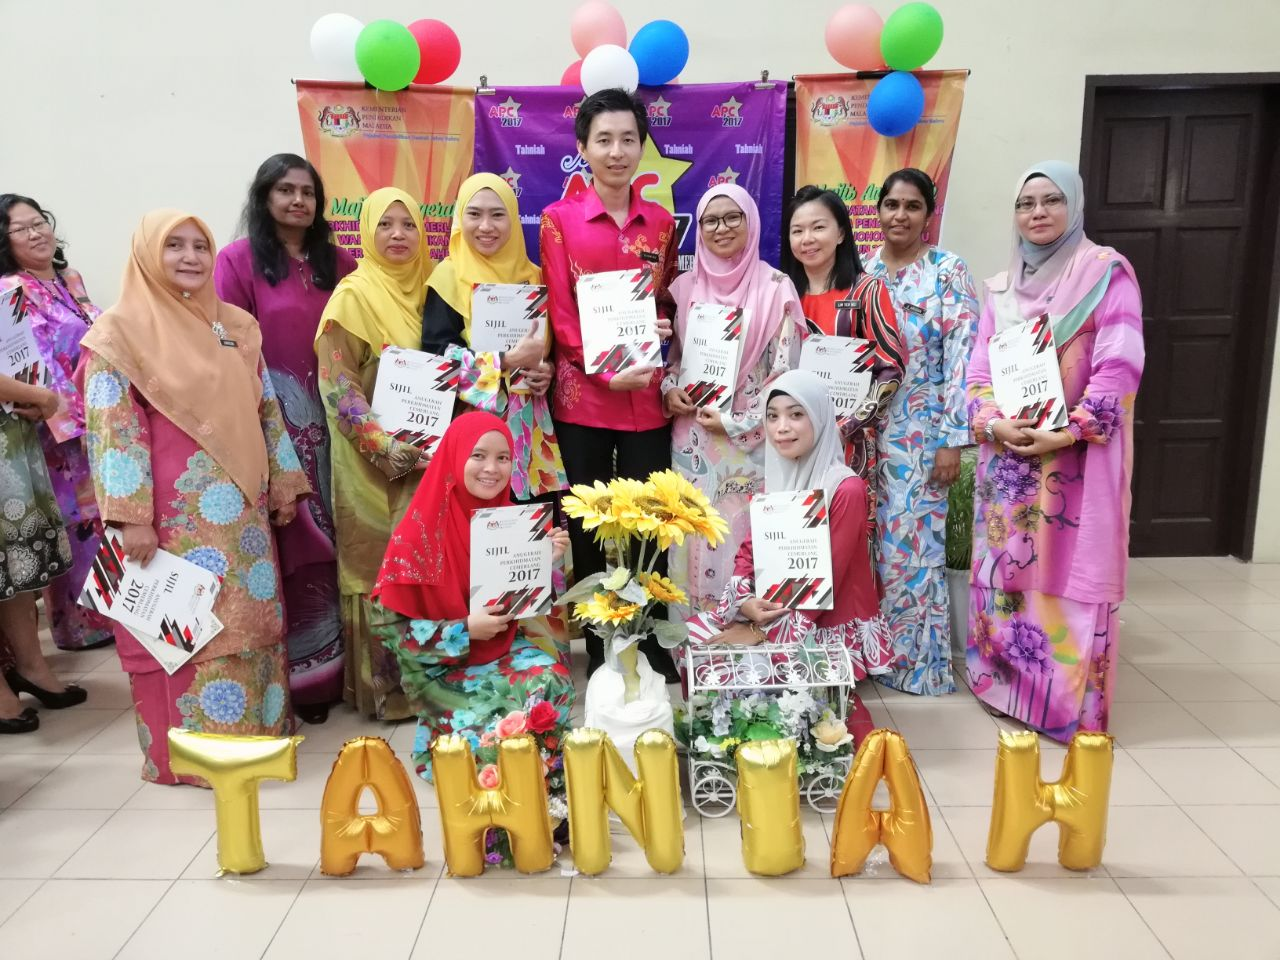 Majlis Penyampaian Anugerah Perkhidmatan Cemerlang 2017 Peringkat PPD Johor Bahru